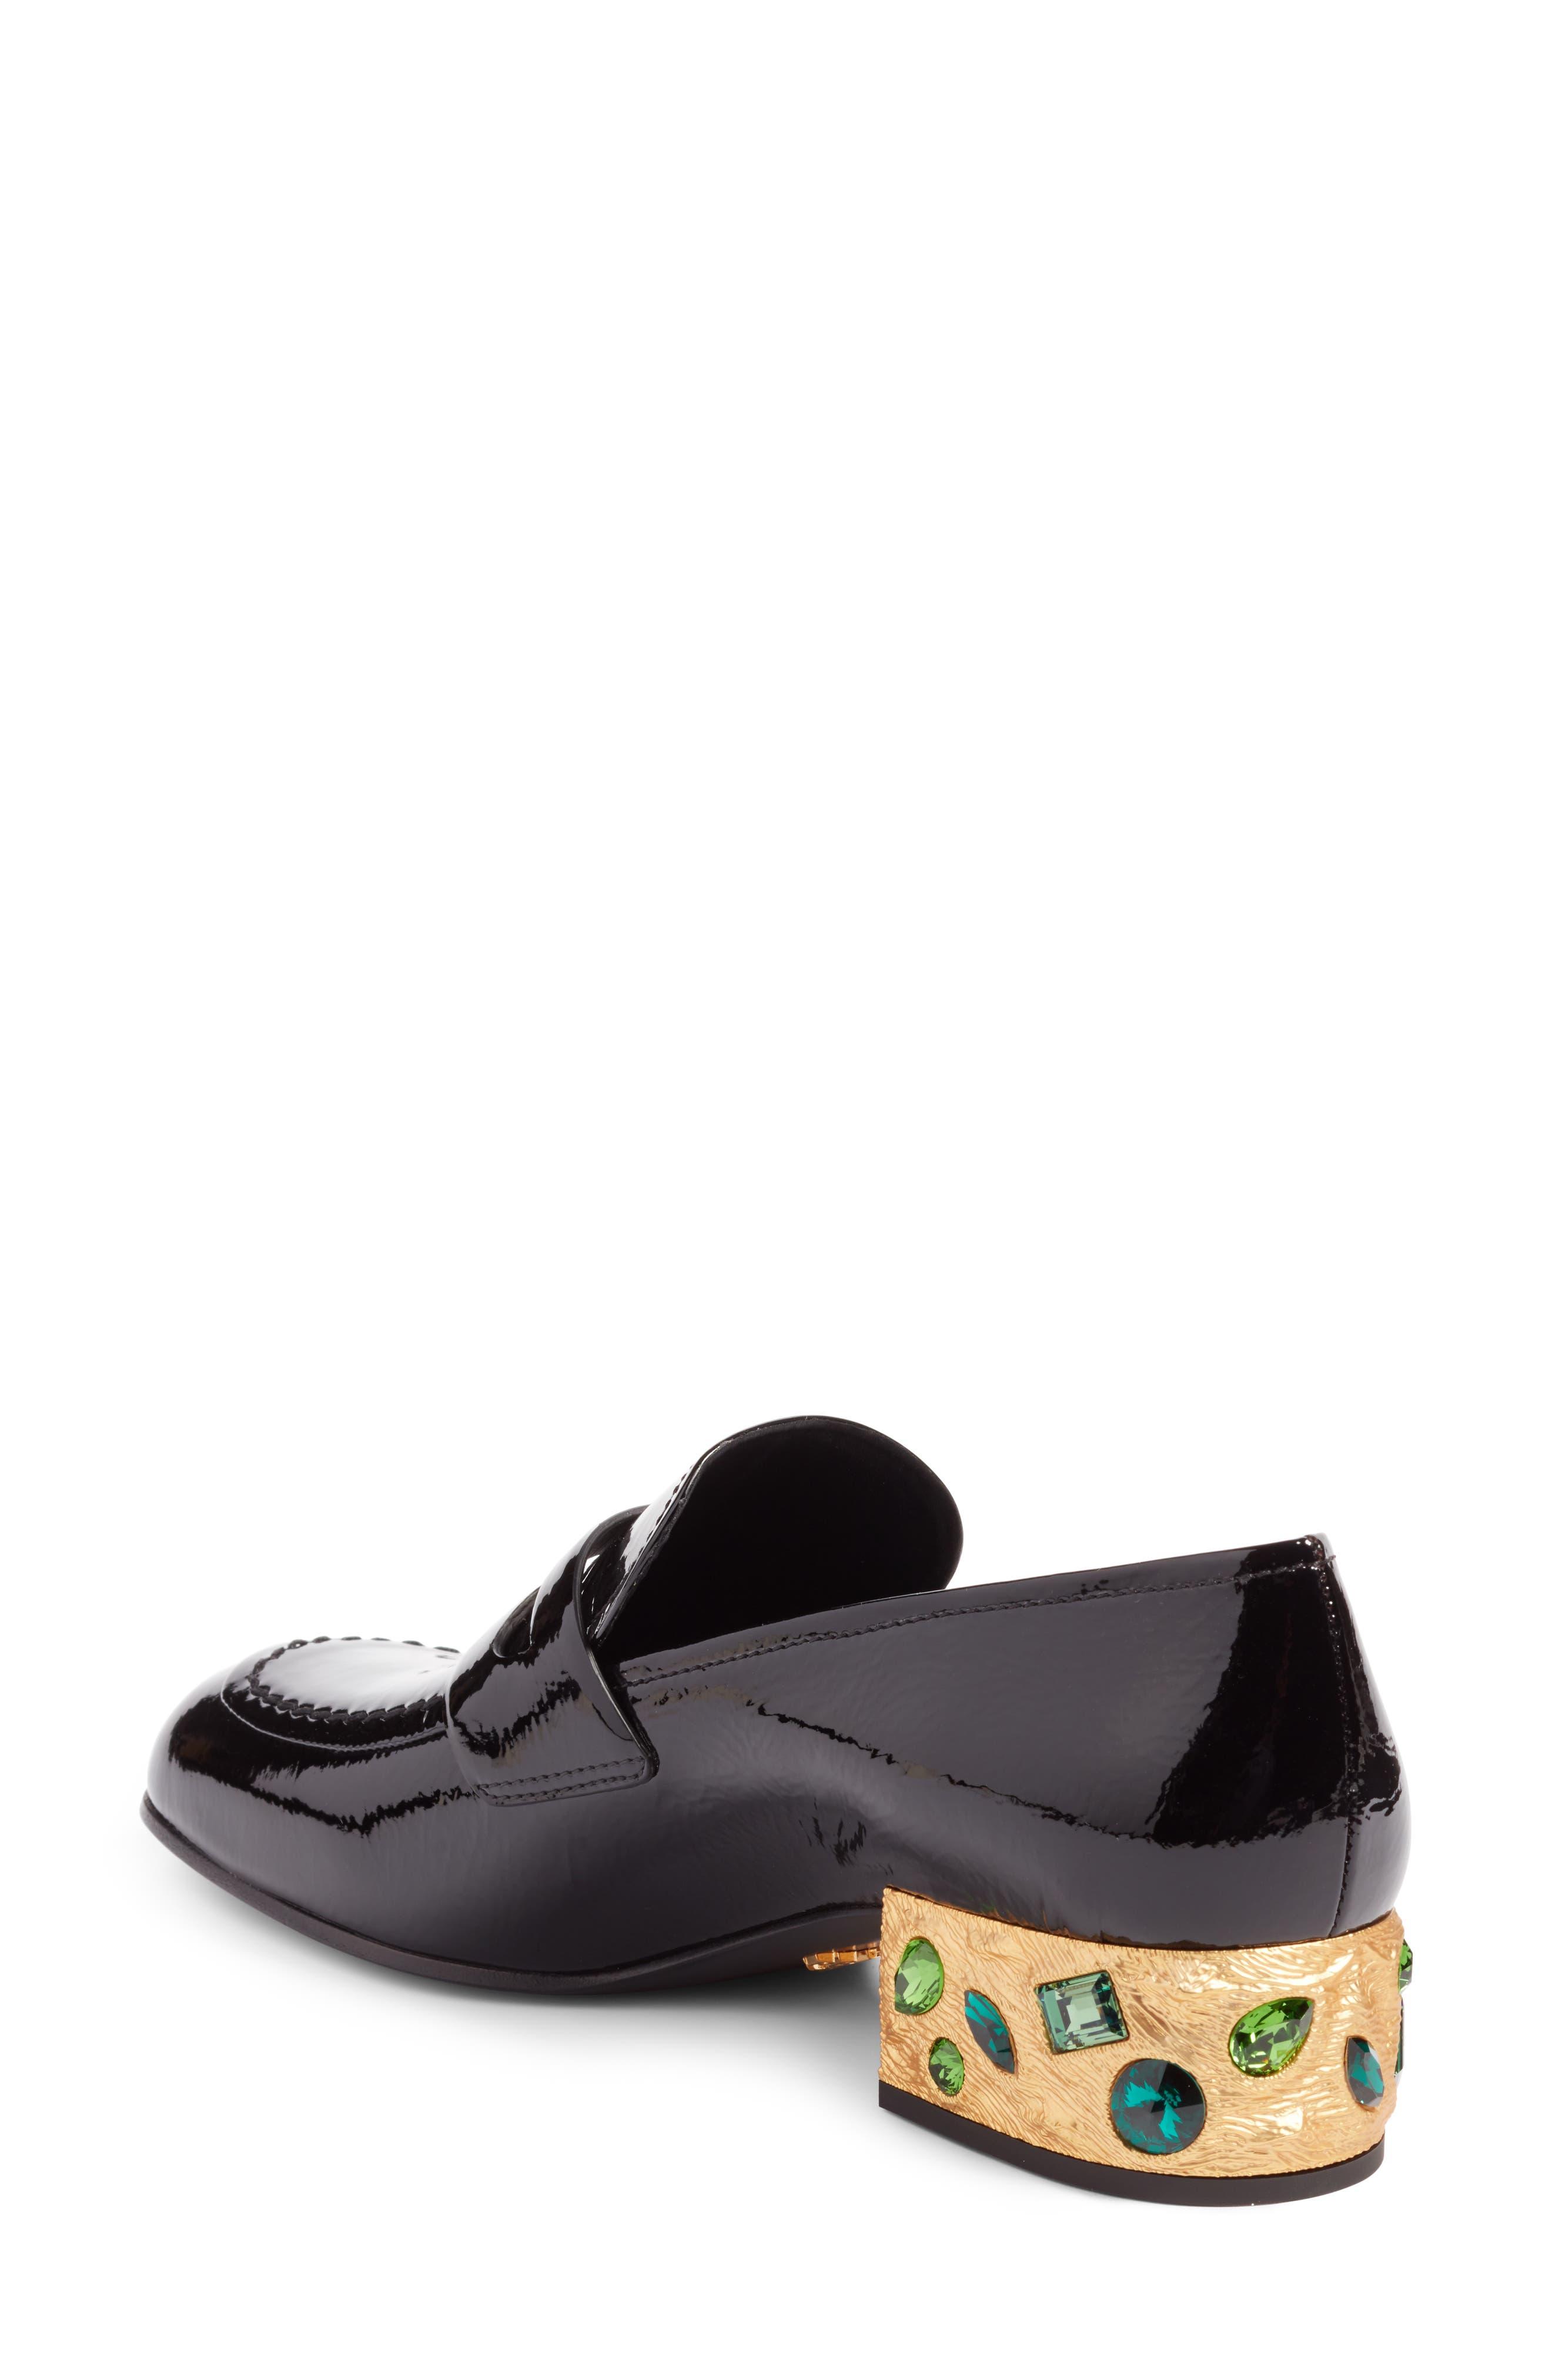 Alternate Image 2  - Prada Embellished Loafer (Women)